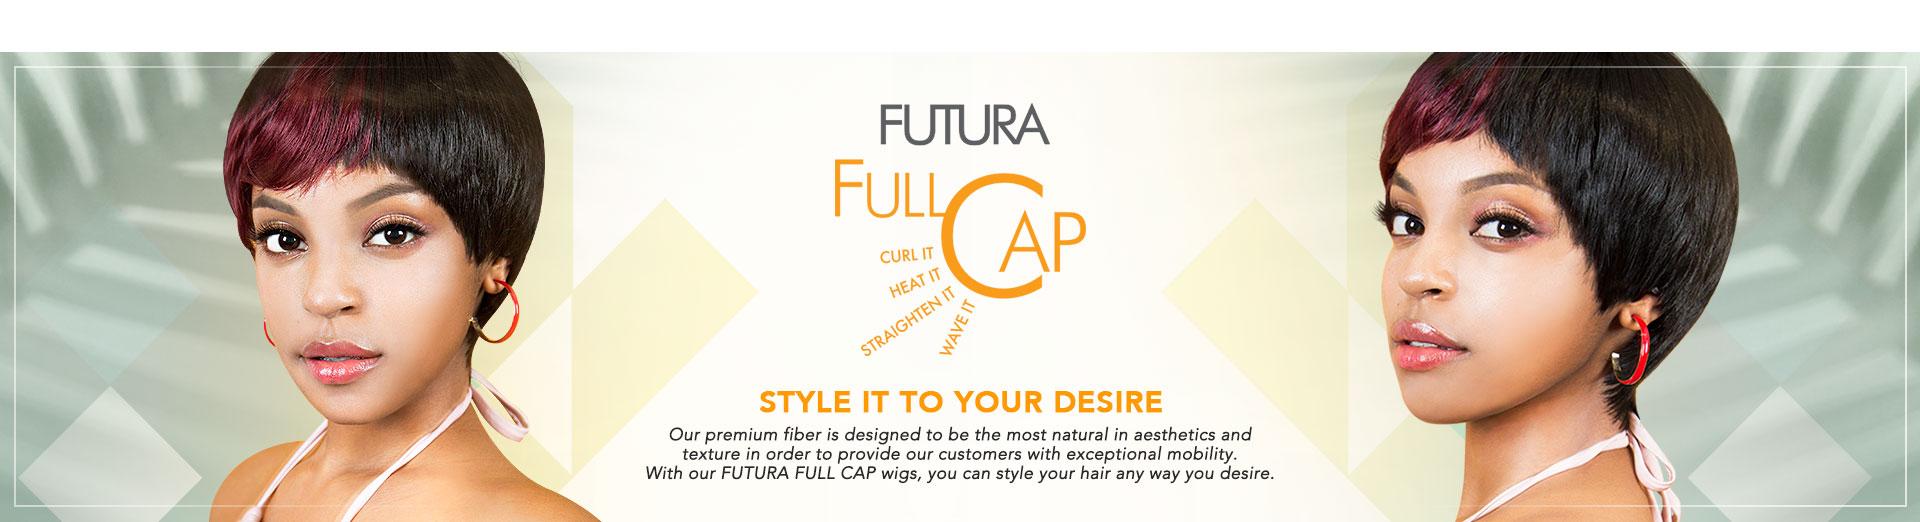 FUTURA FULL CAP